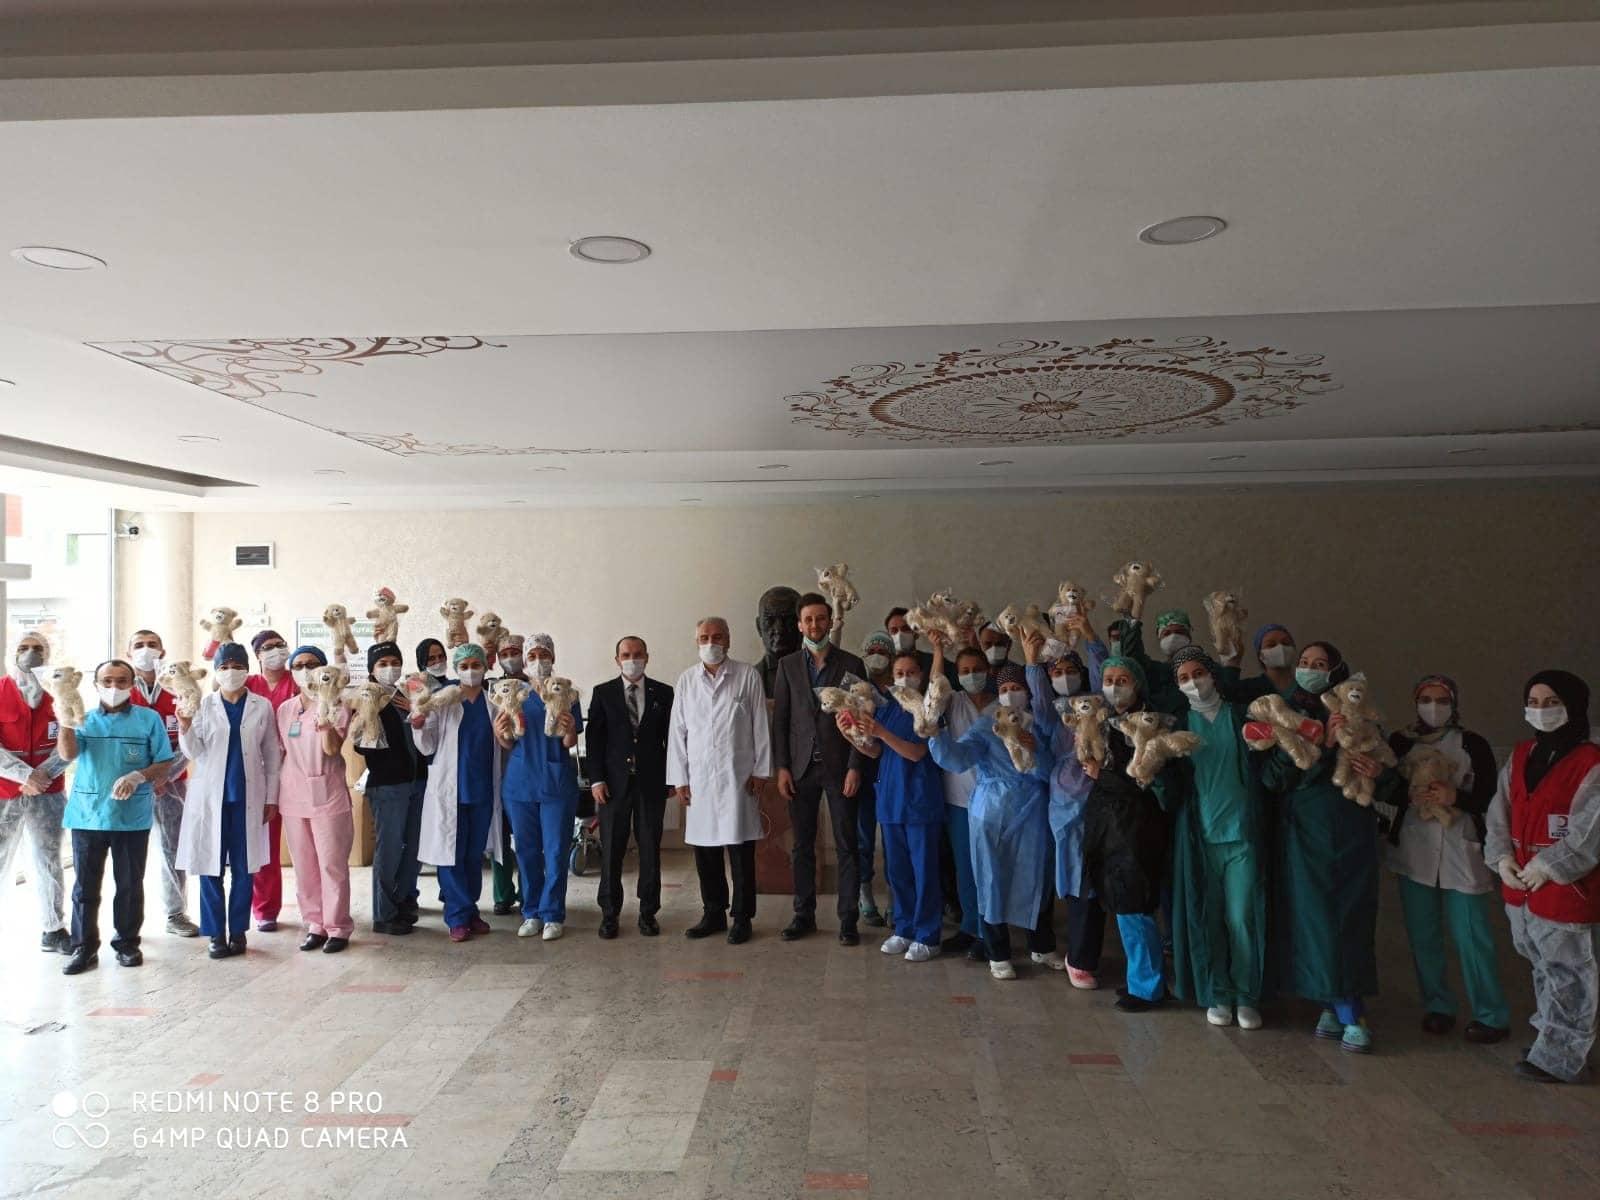 Beykoz Kızılay'dan sağlık çalışanlarının çocuklarına sürpriz!